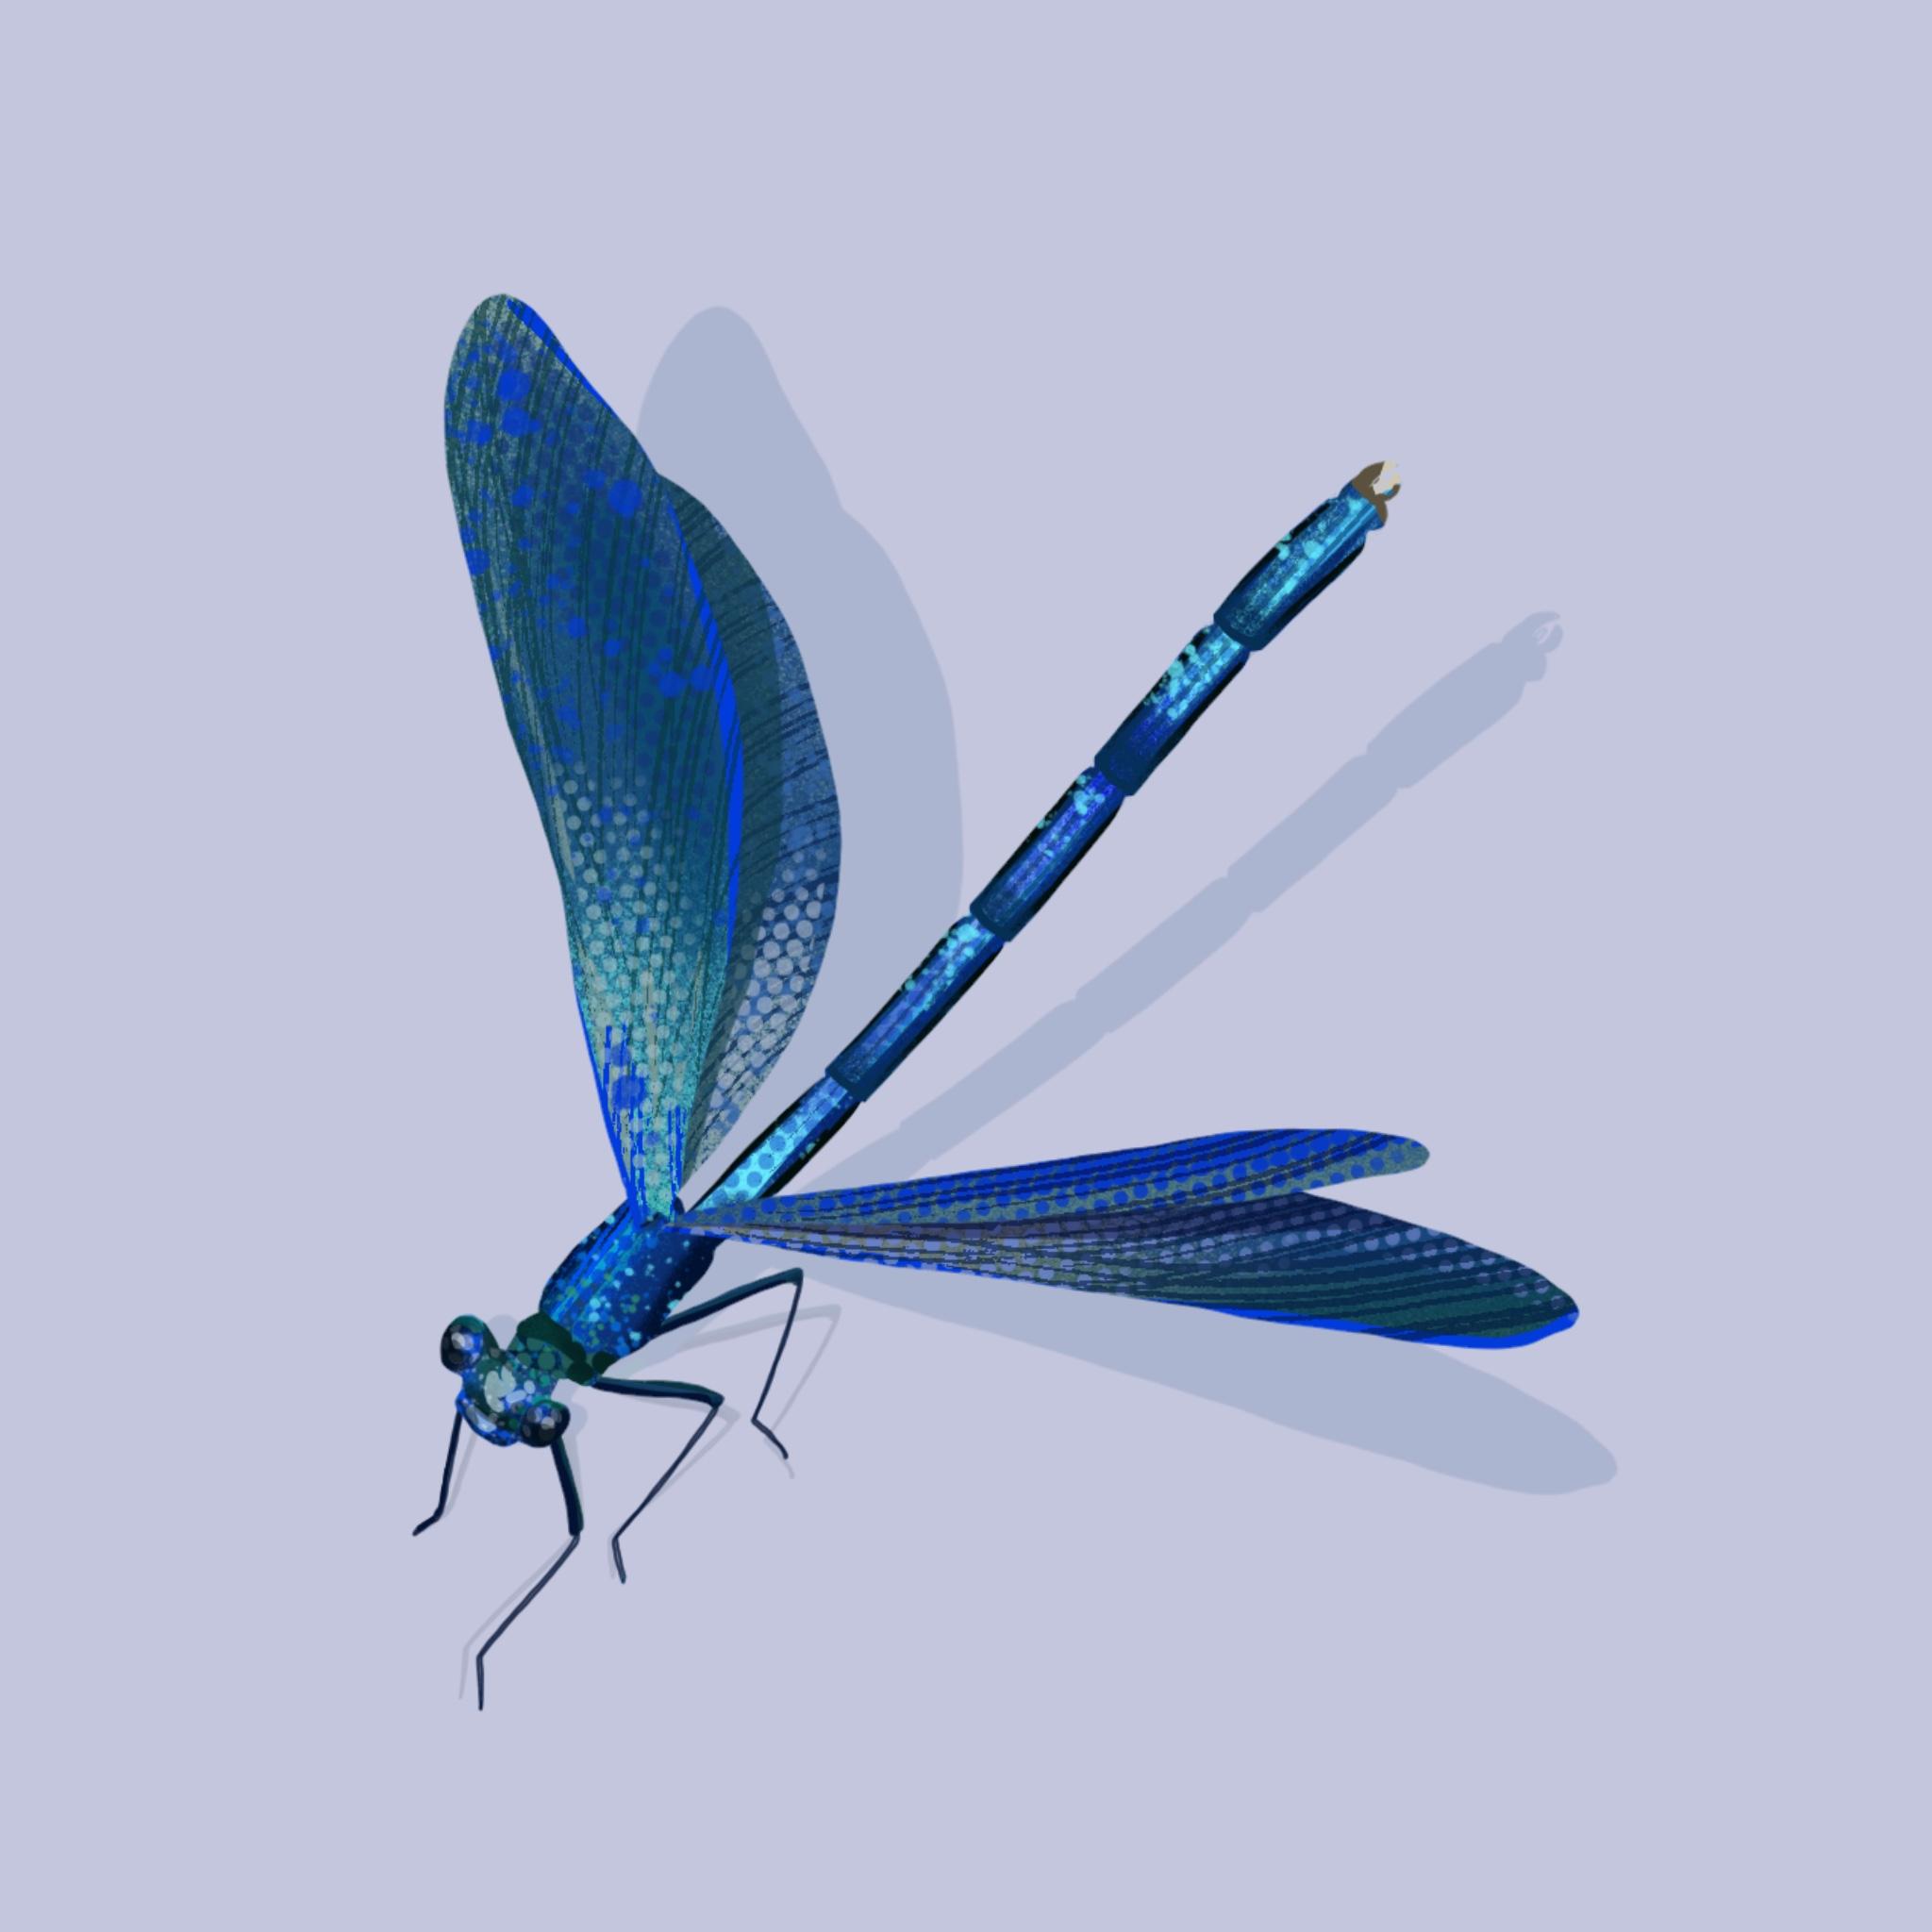 Detaillierte Illustration einer Libelle auf blaulilanem Hintergrund.